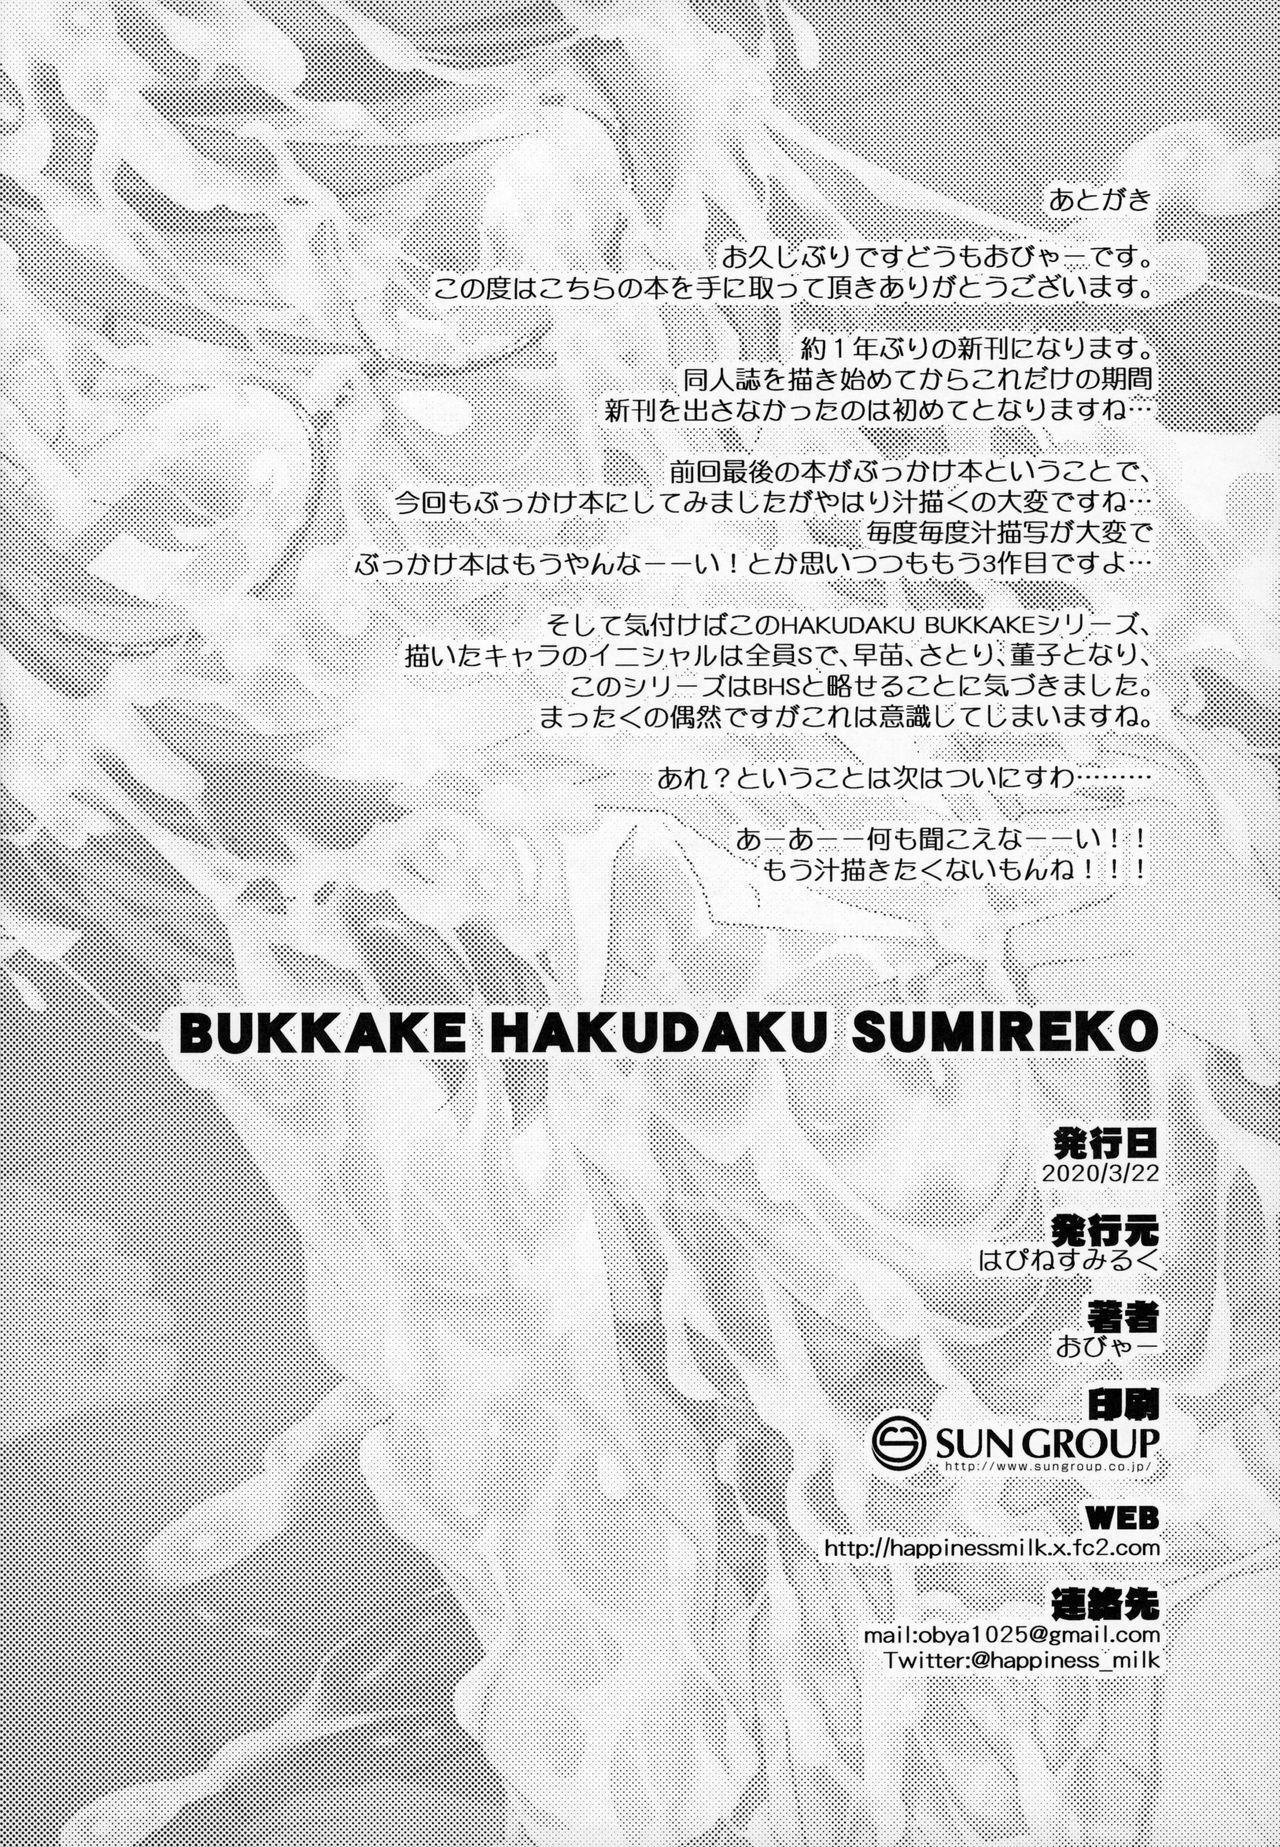 Bukkake Hakudaku Sumireko 19